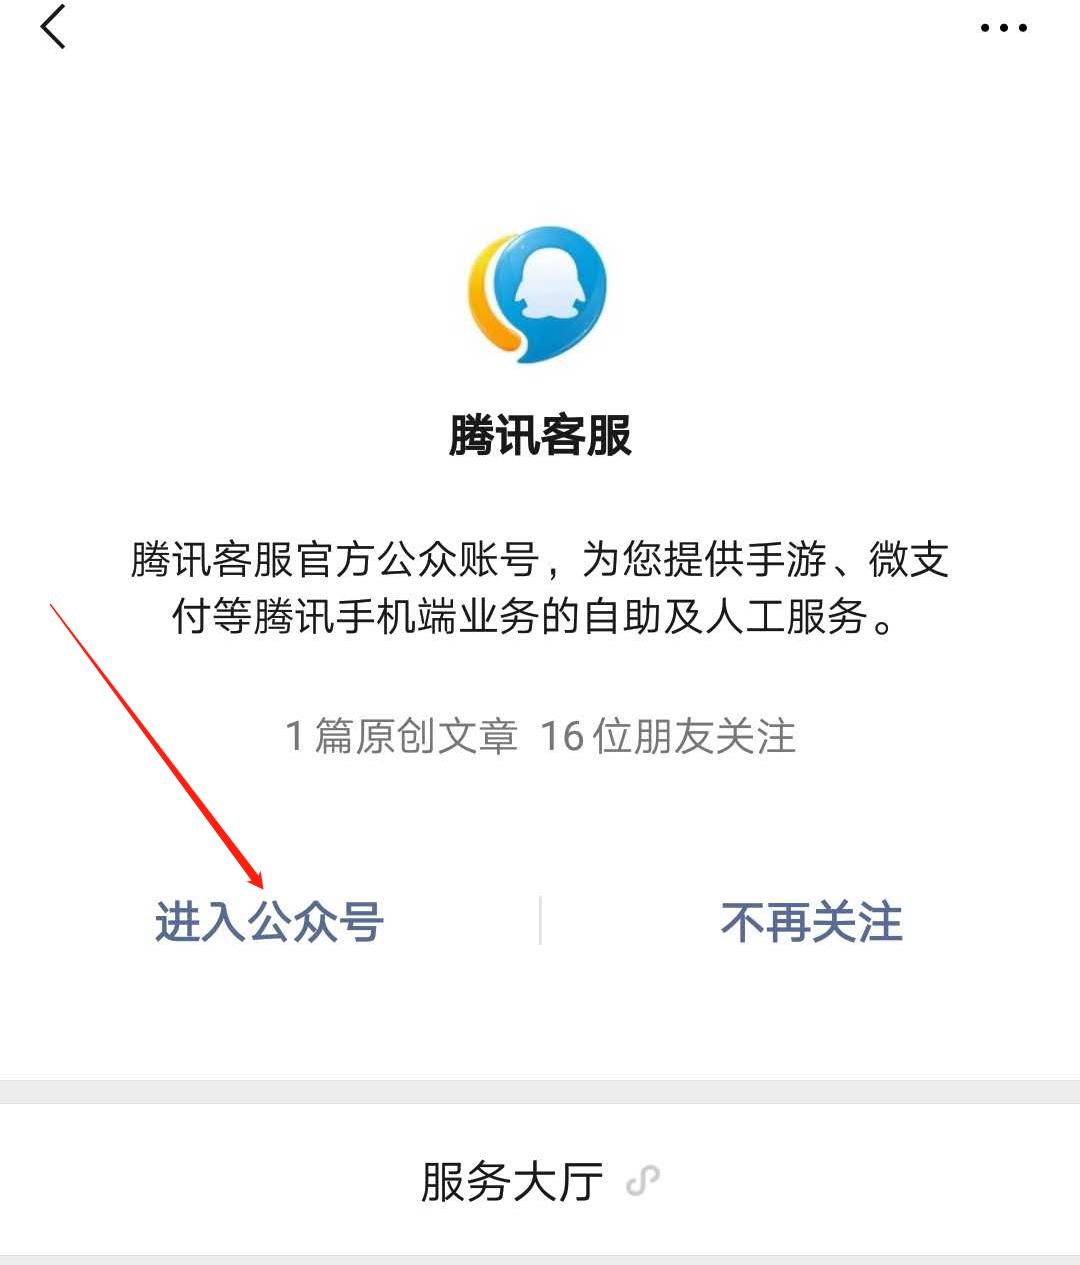 《微信》联系人工客服方法介绍